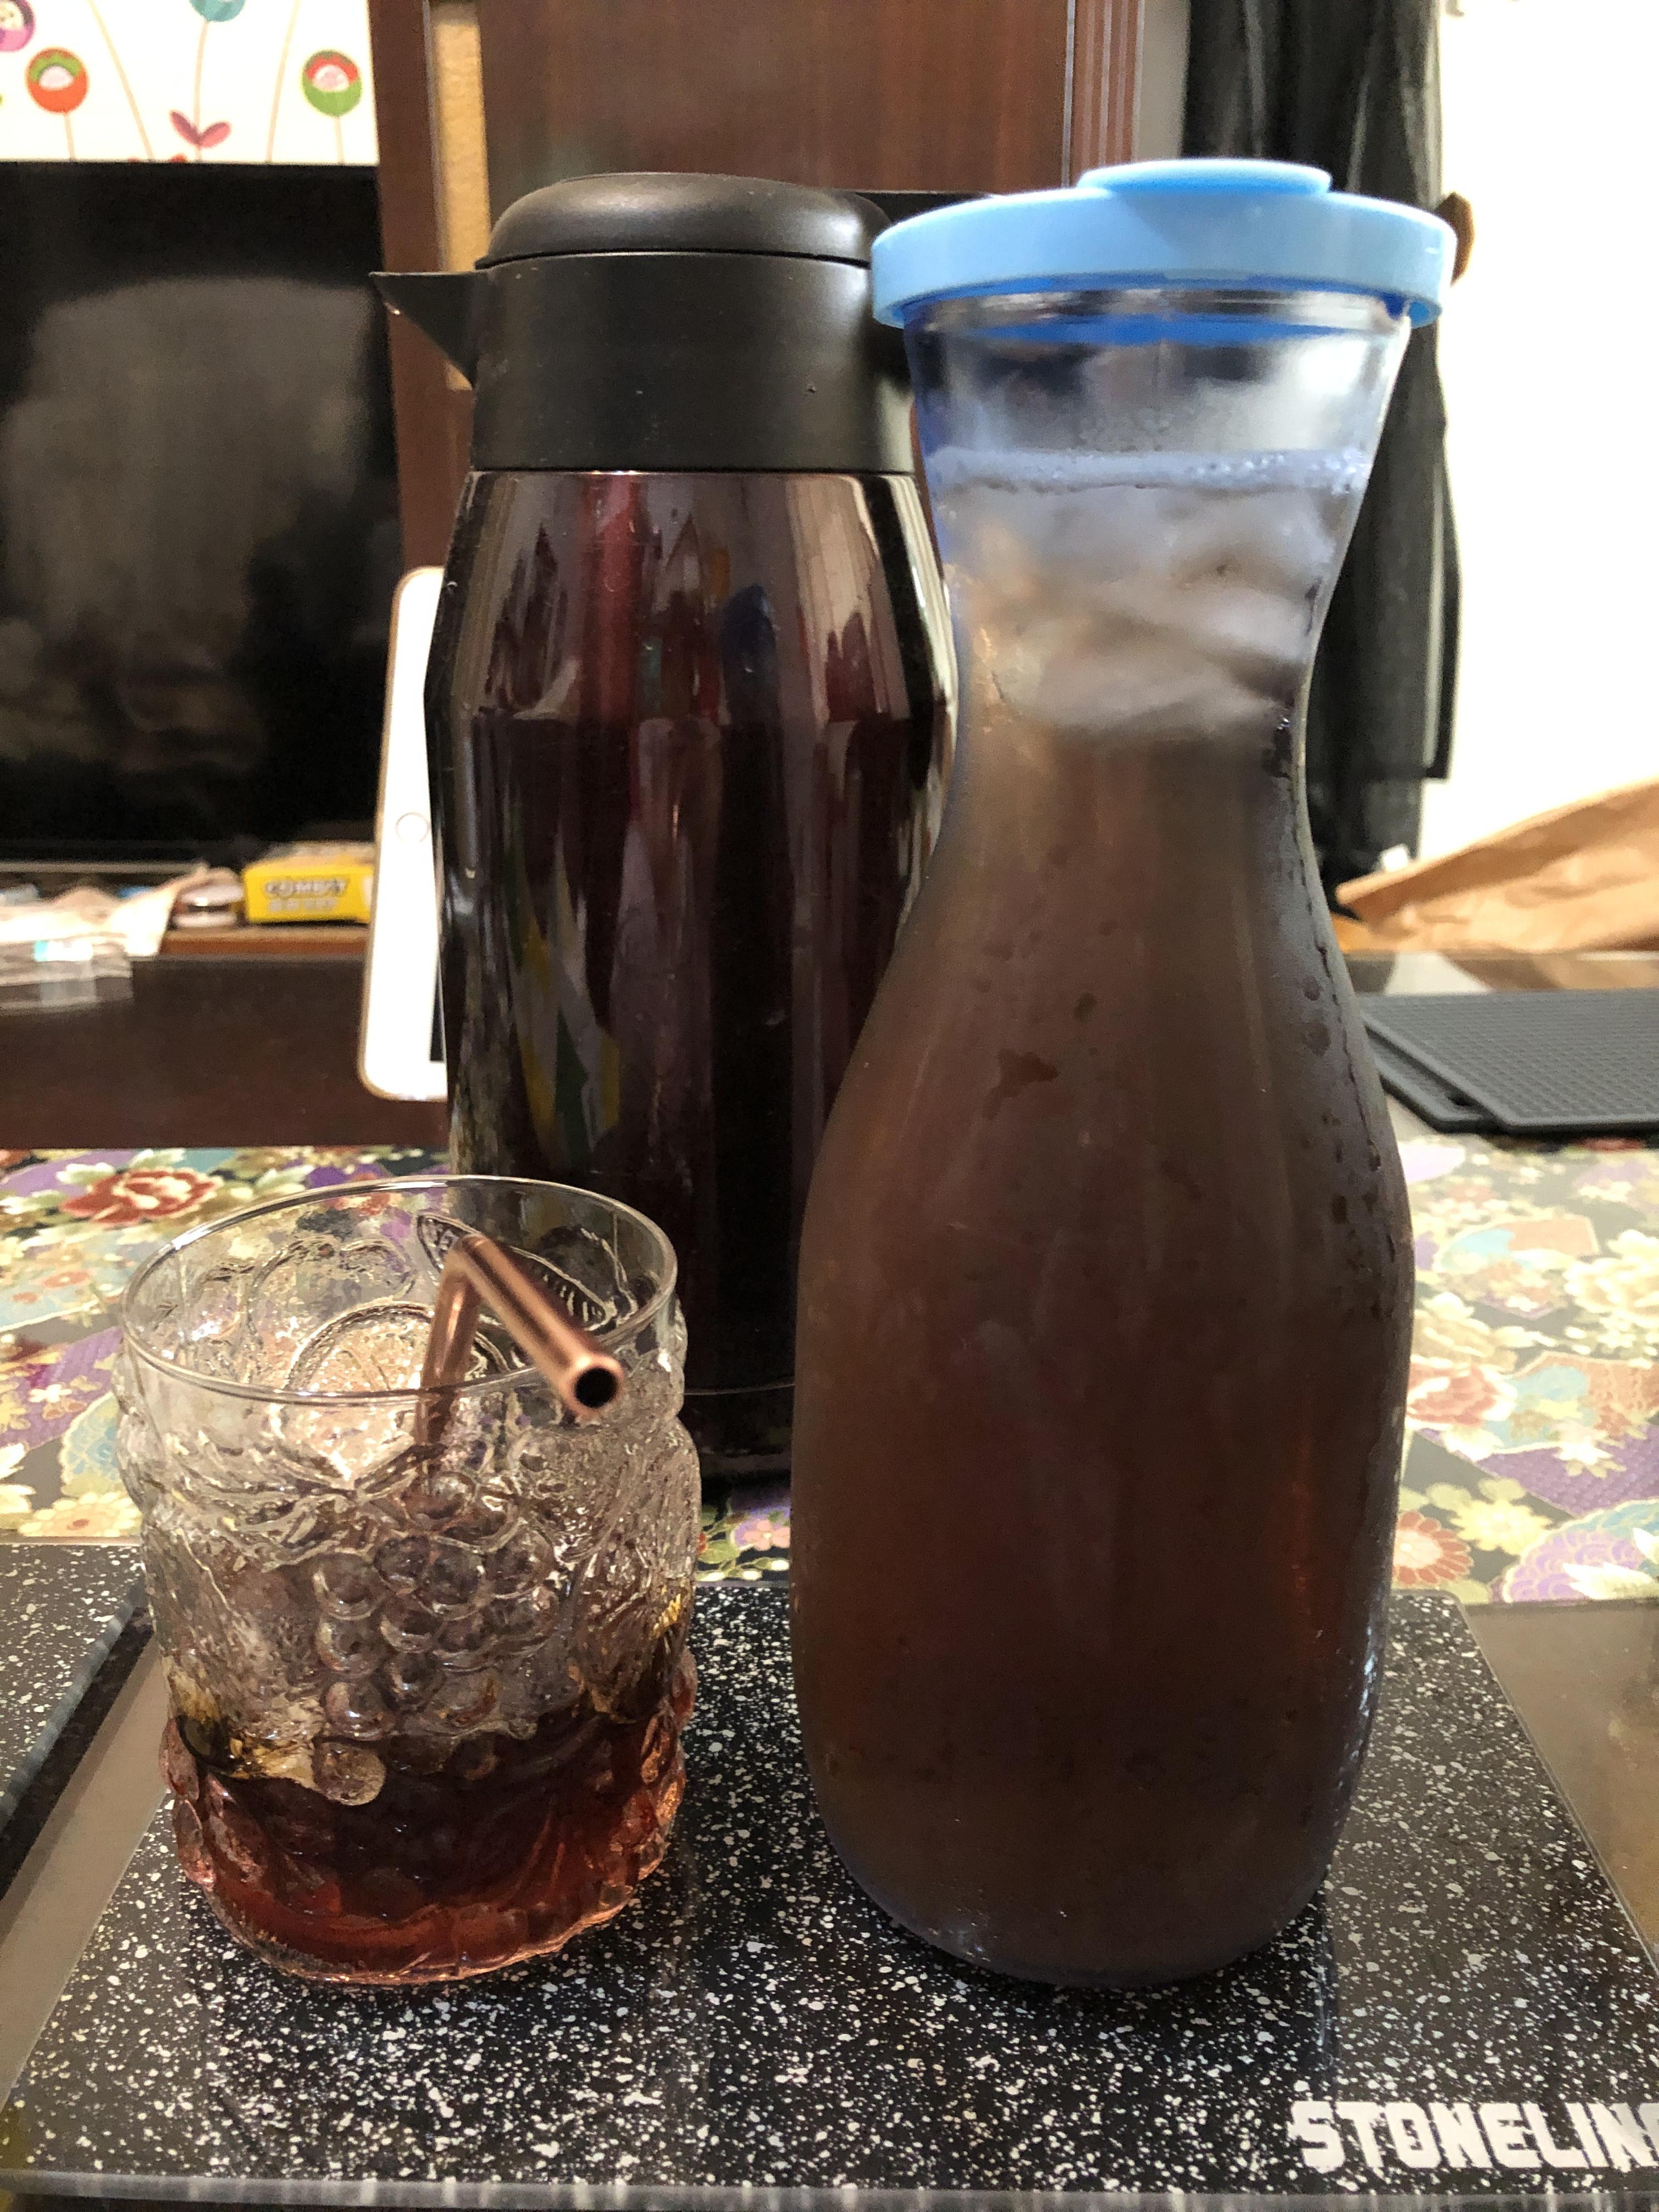 黑豆水,是用乾炒過的黑豆以熱水燜熱而成。